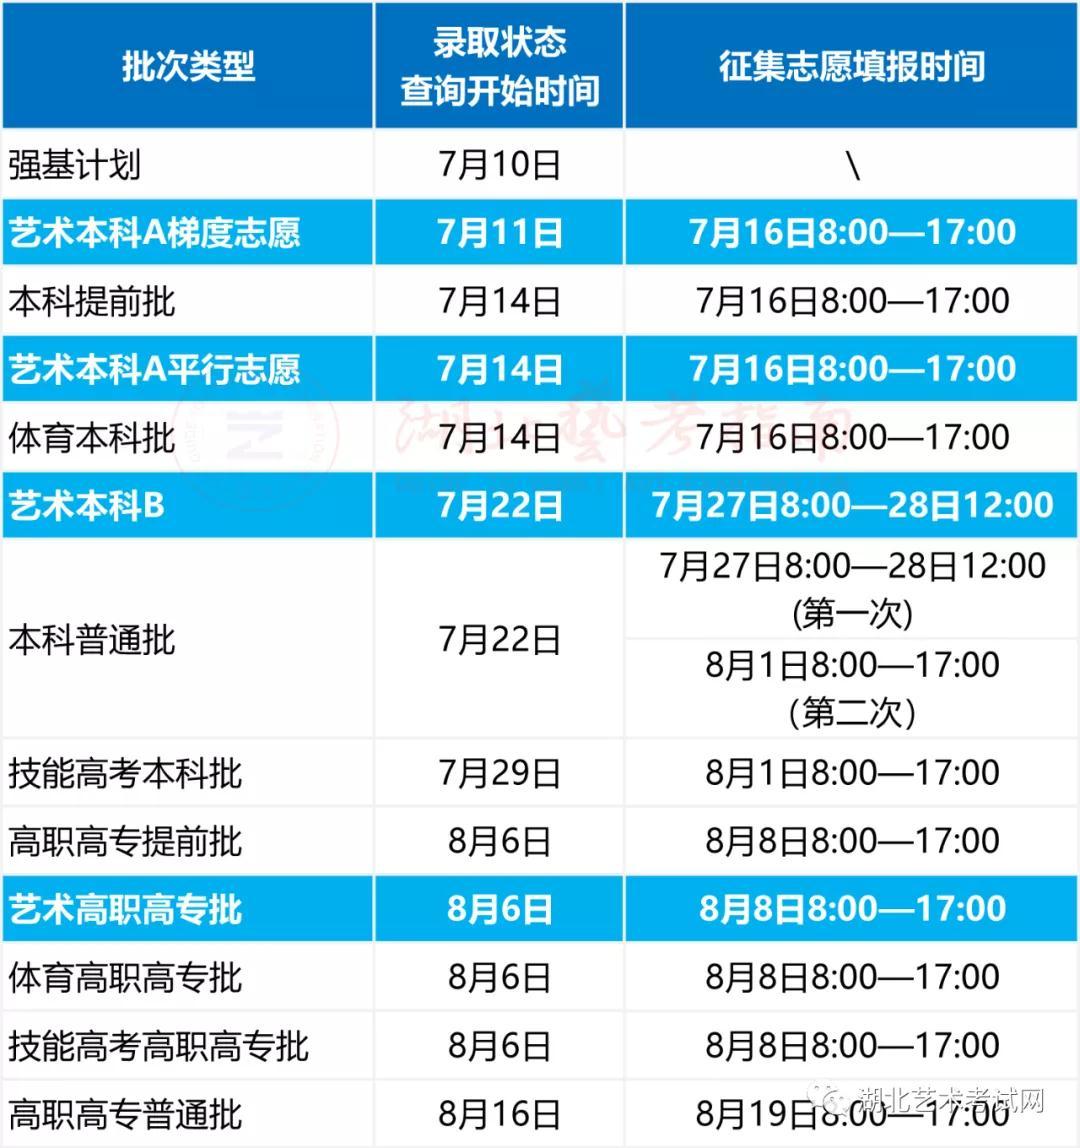 湖北省2021年艺术本科 A 录取状态查询时间